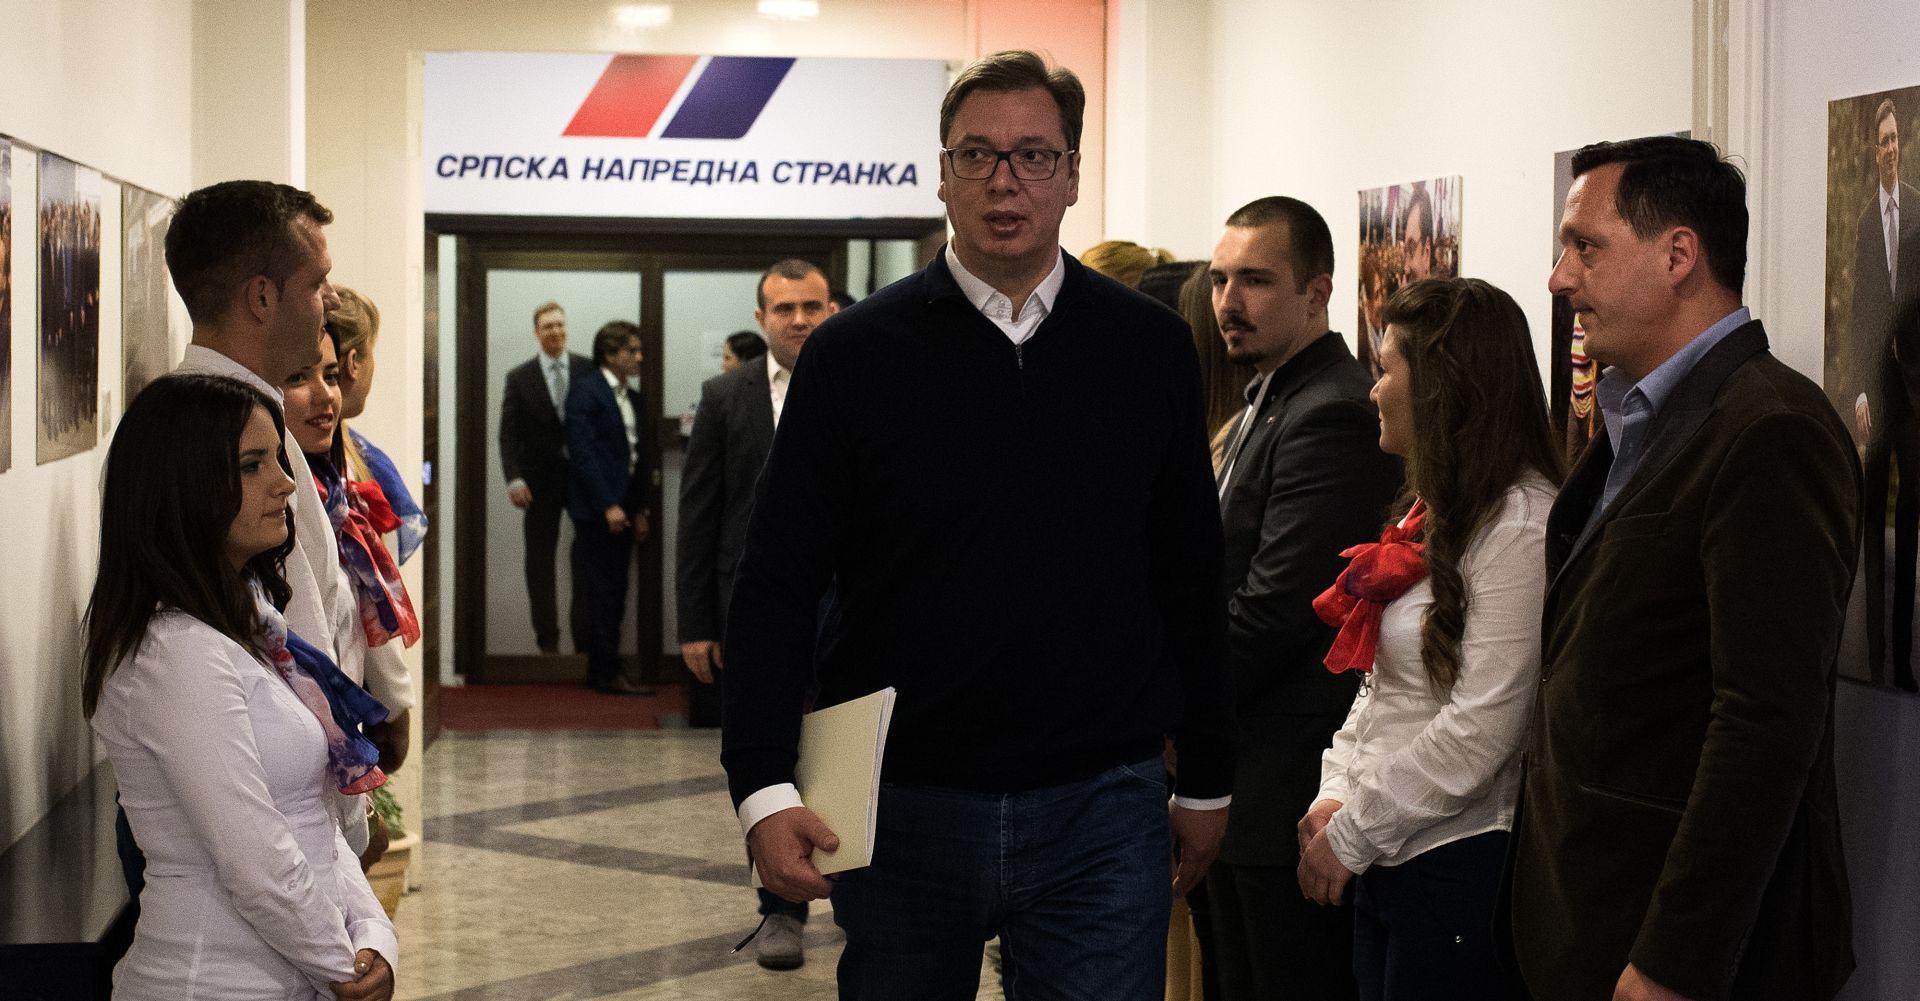 Vučić najavio susret i razgovor s Plenkovićem o Agrokoru